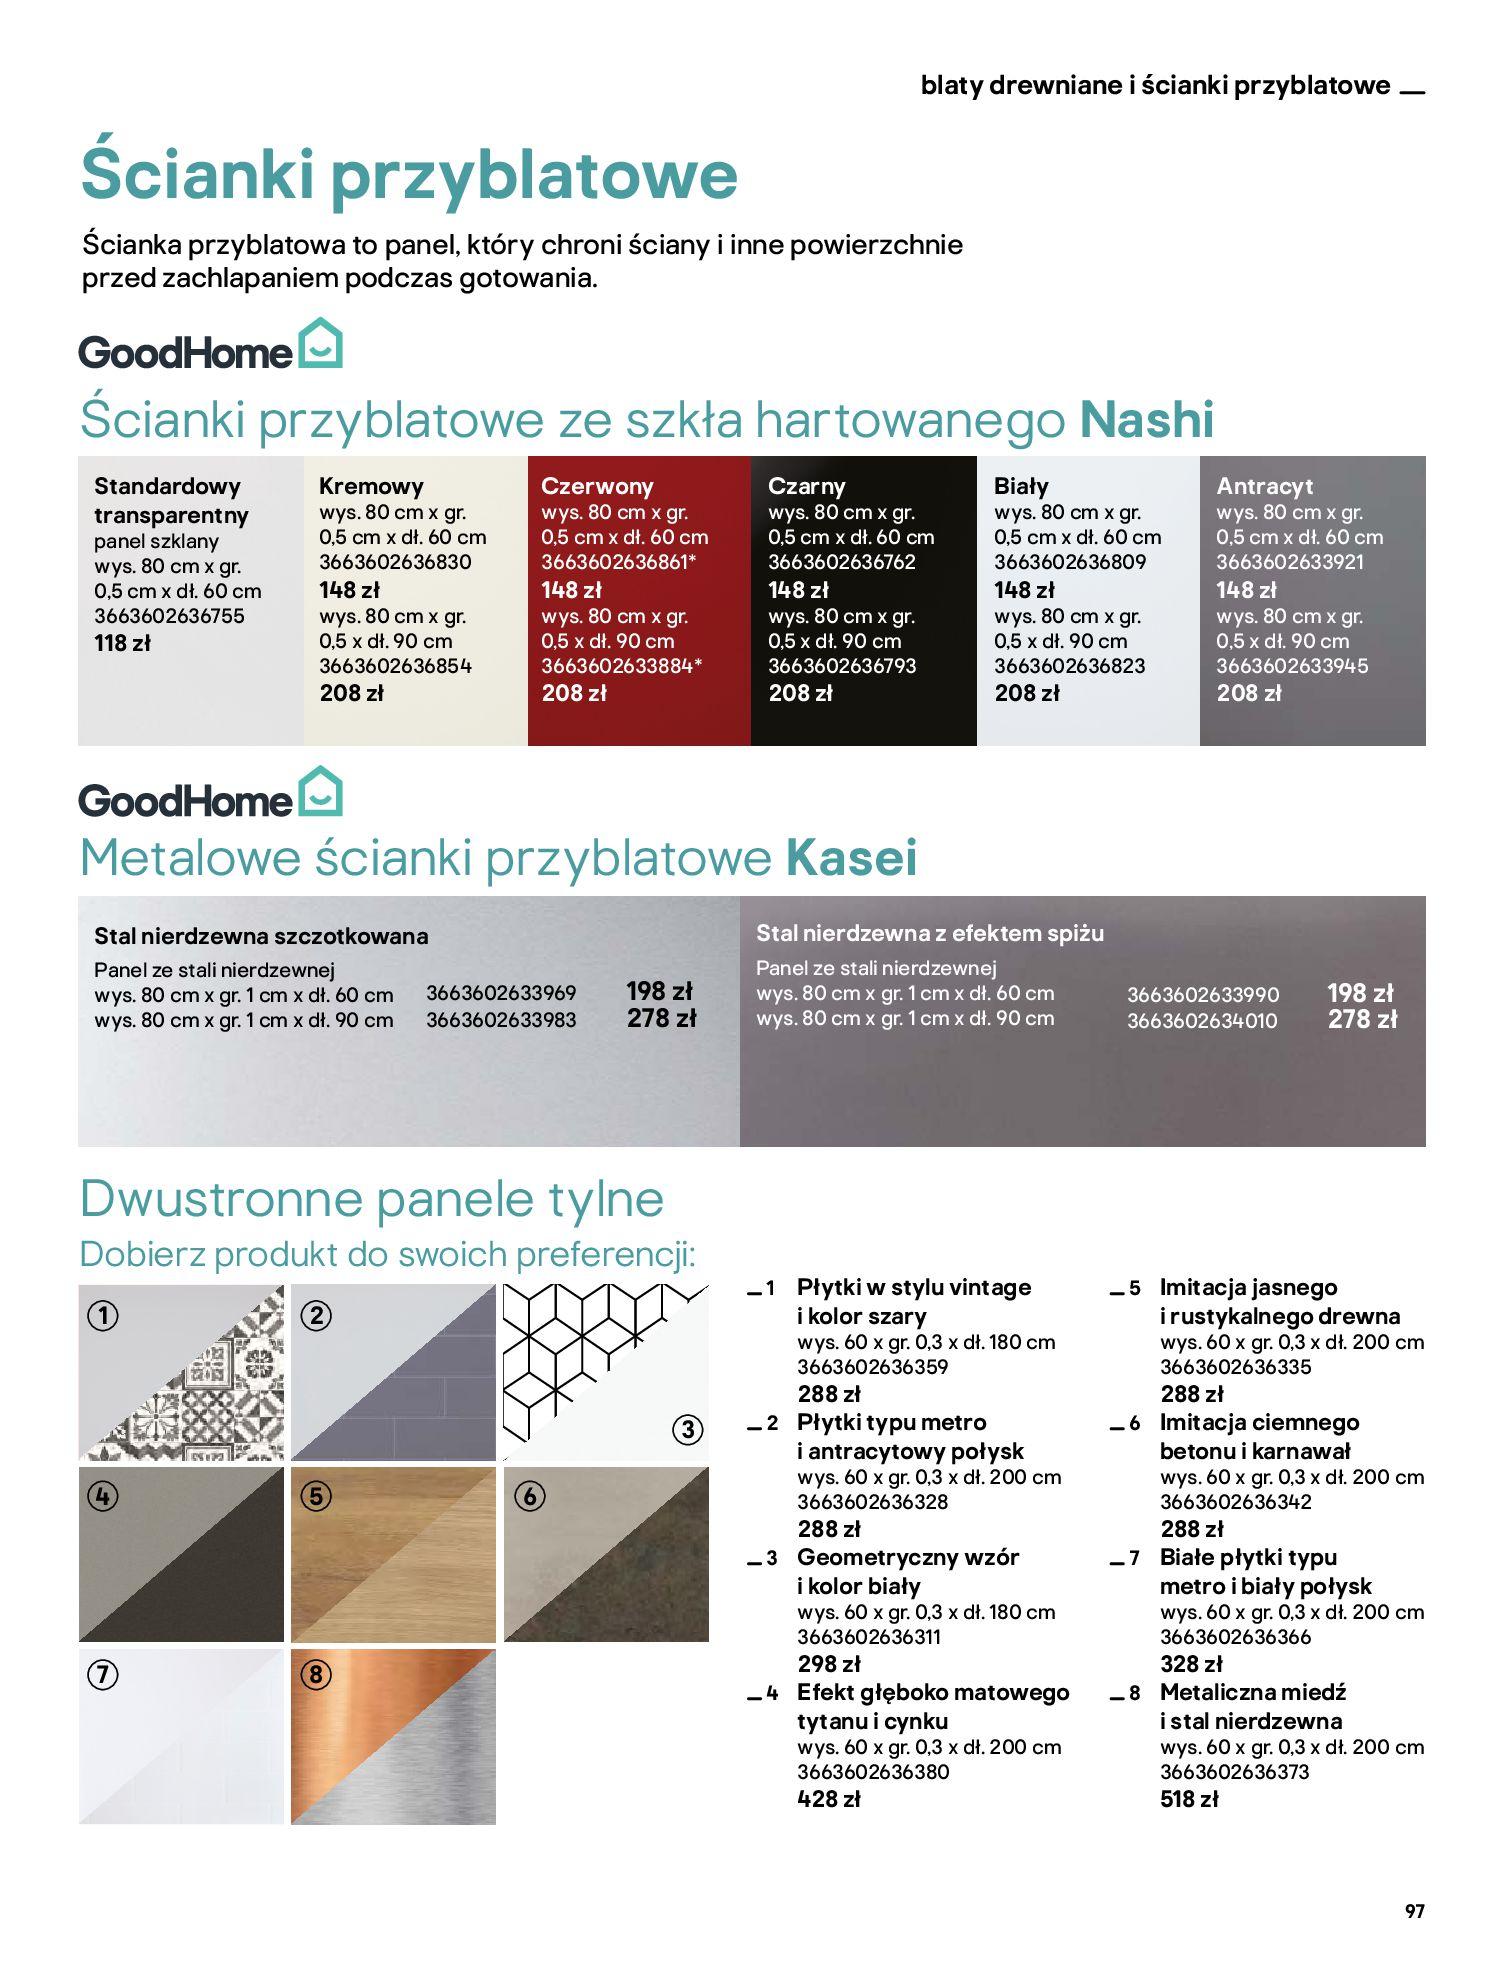 Gazetka Castorama: Katalog kuchnie 2021 2021-05-04 page-97